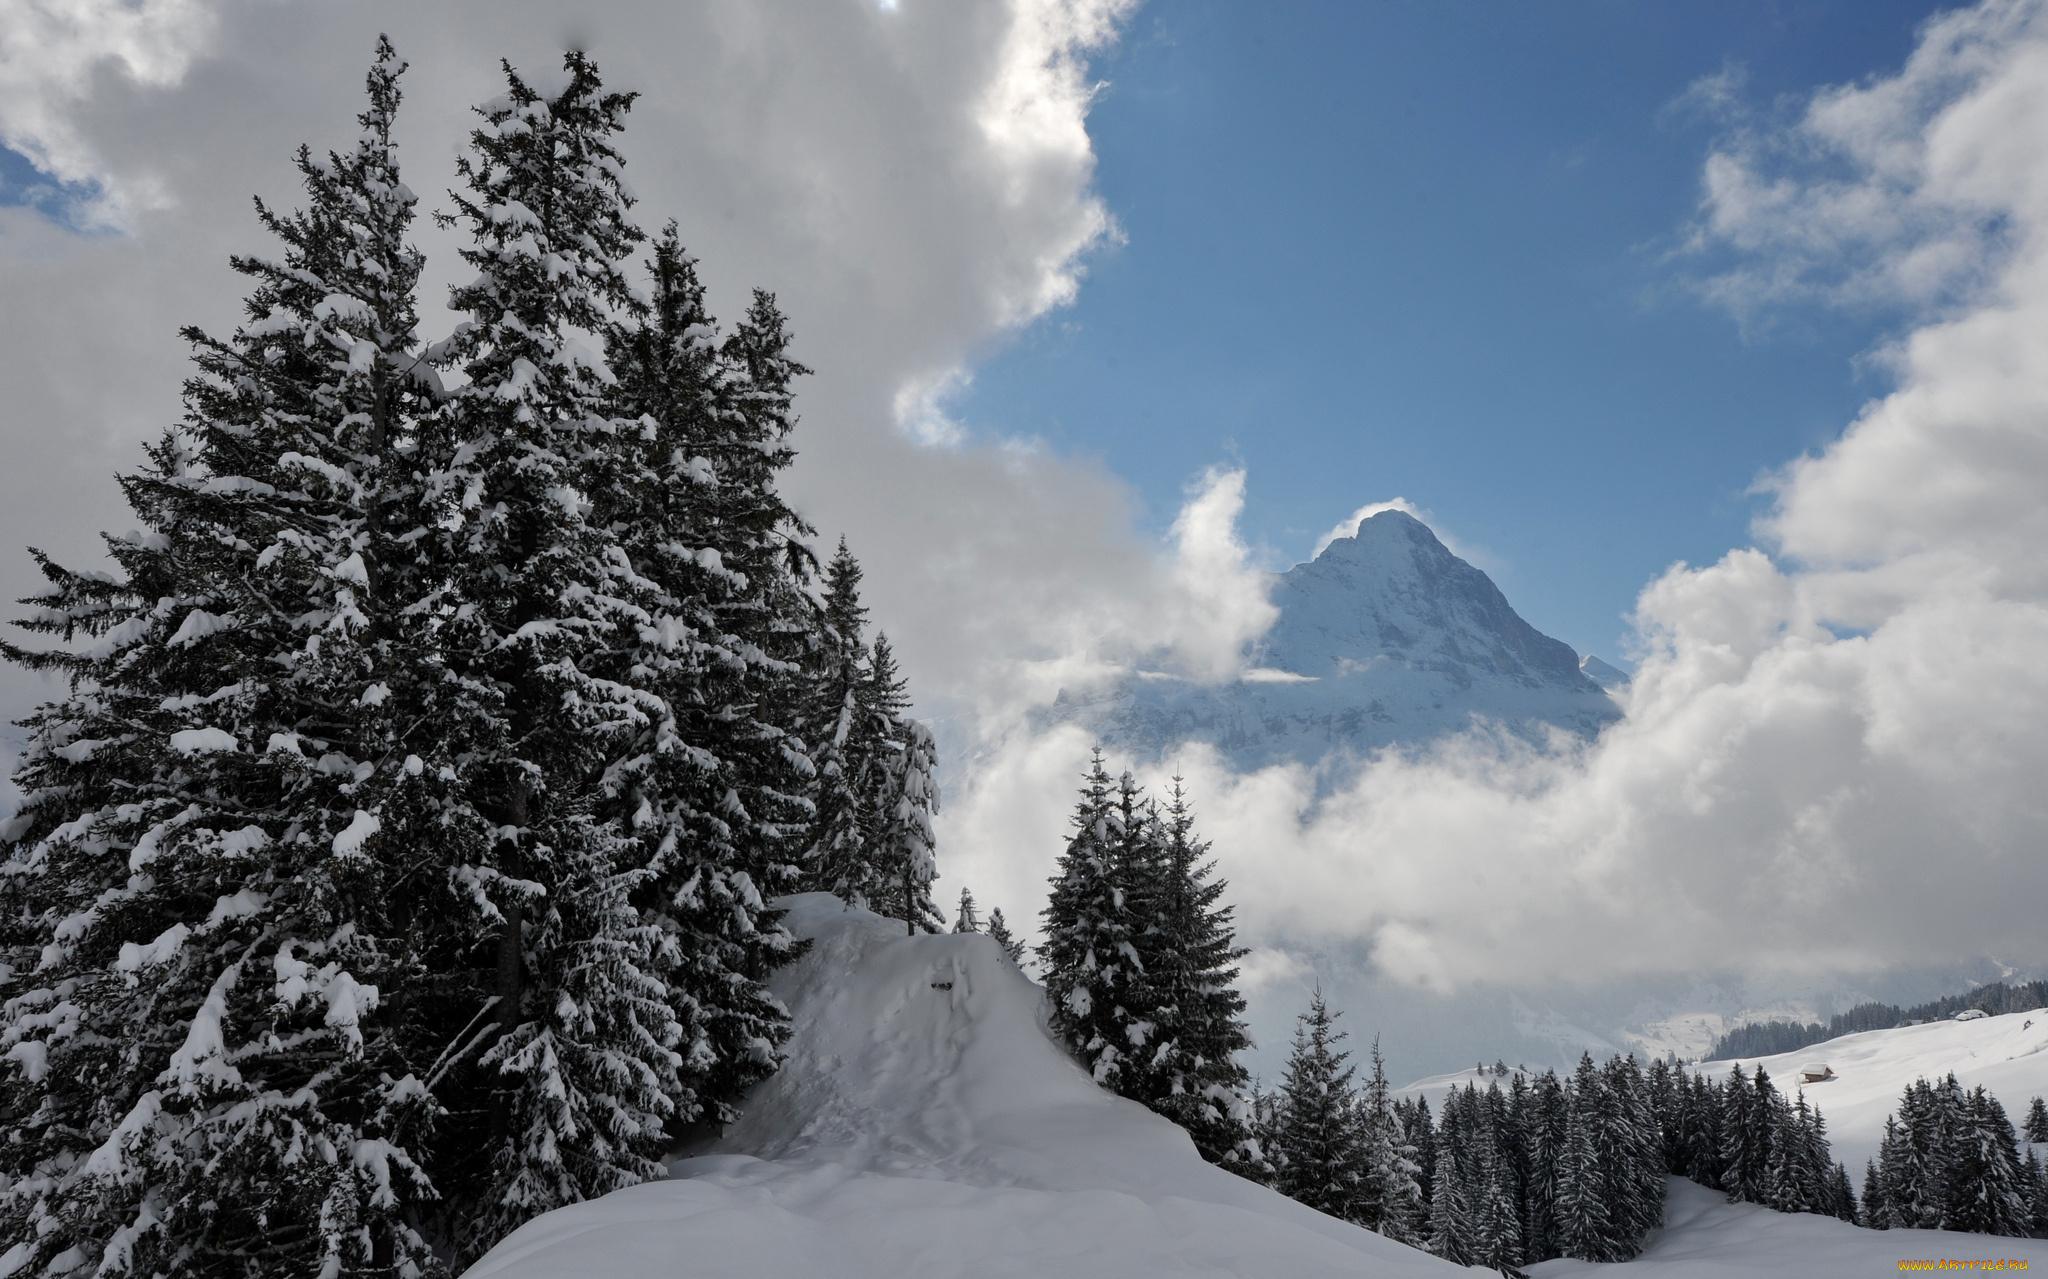 ели горы снег зима ate mountains snow winter скачать